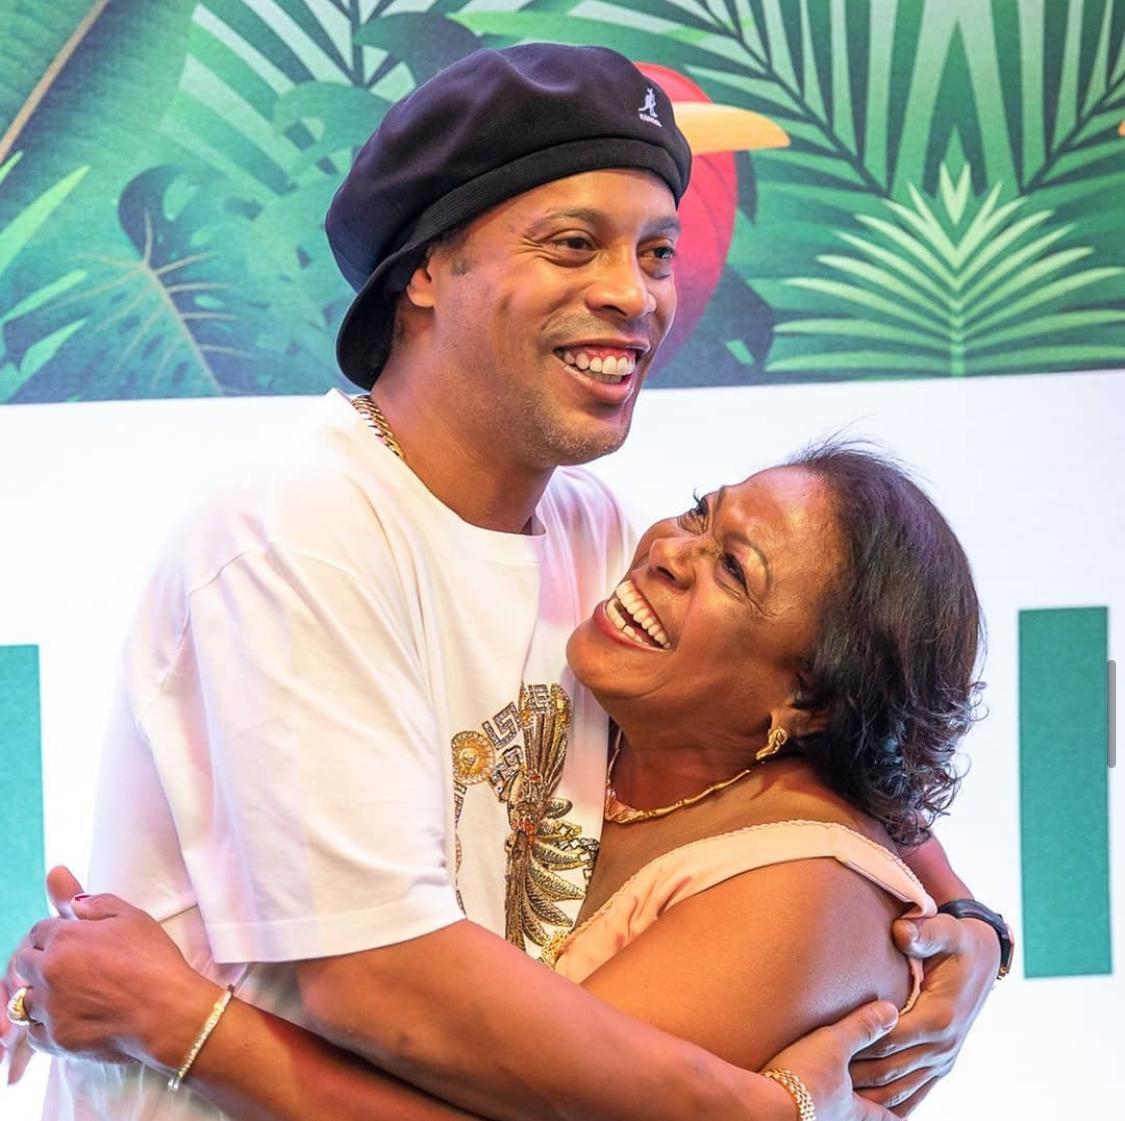 Internada desde dezembro, mãe de Ronaldinho Gaúcho morre de Covid-19